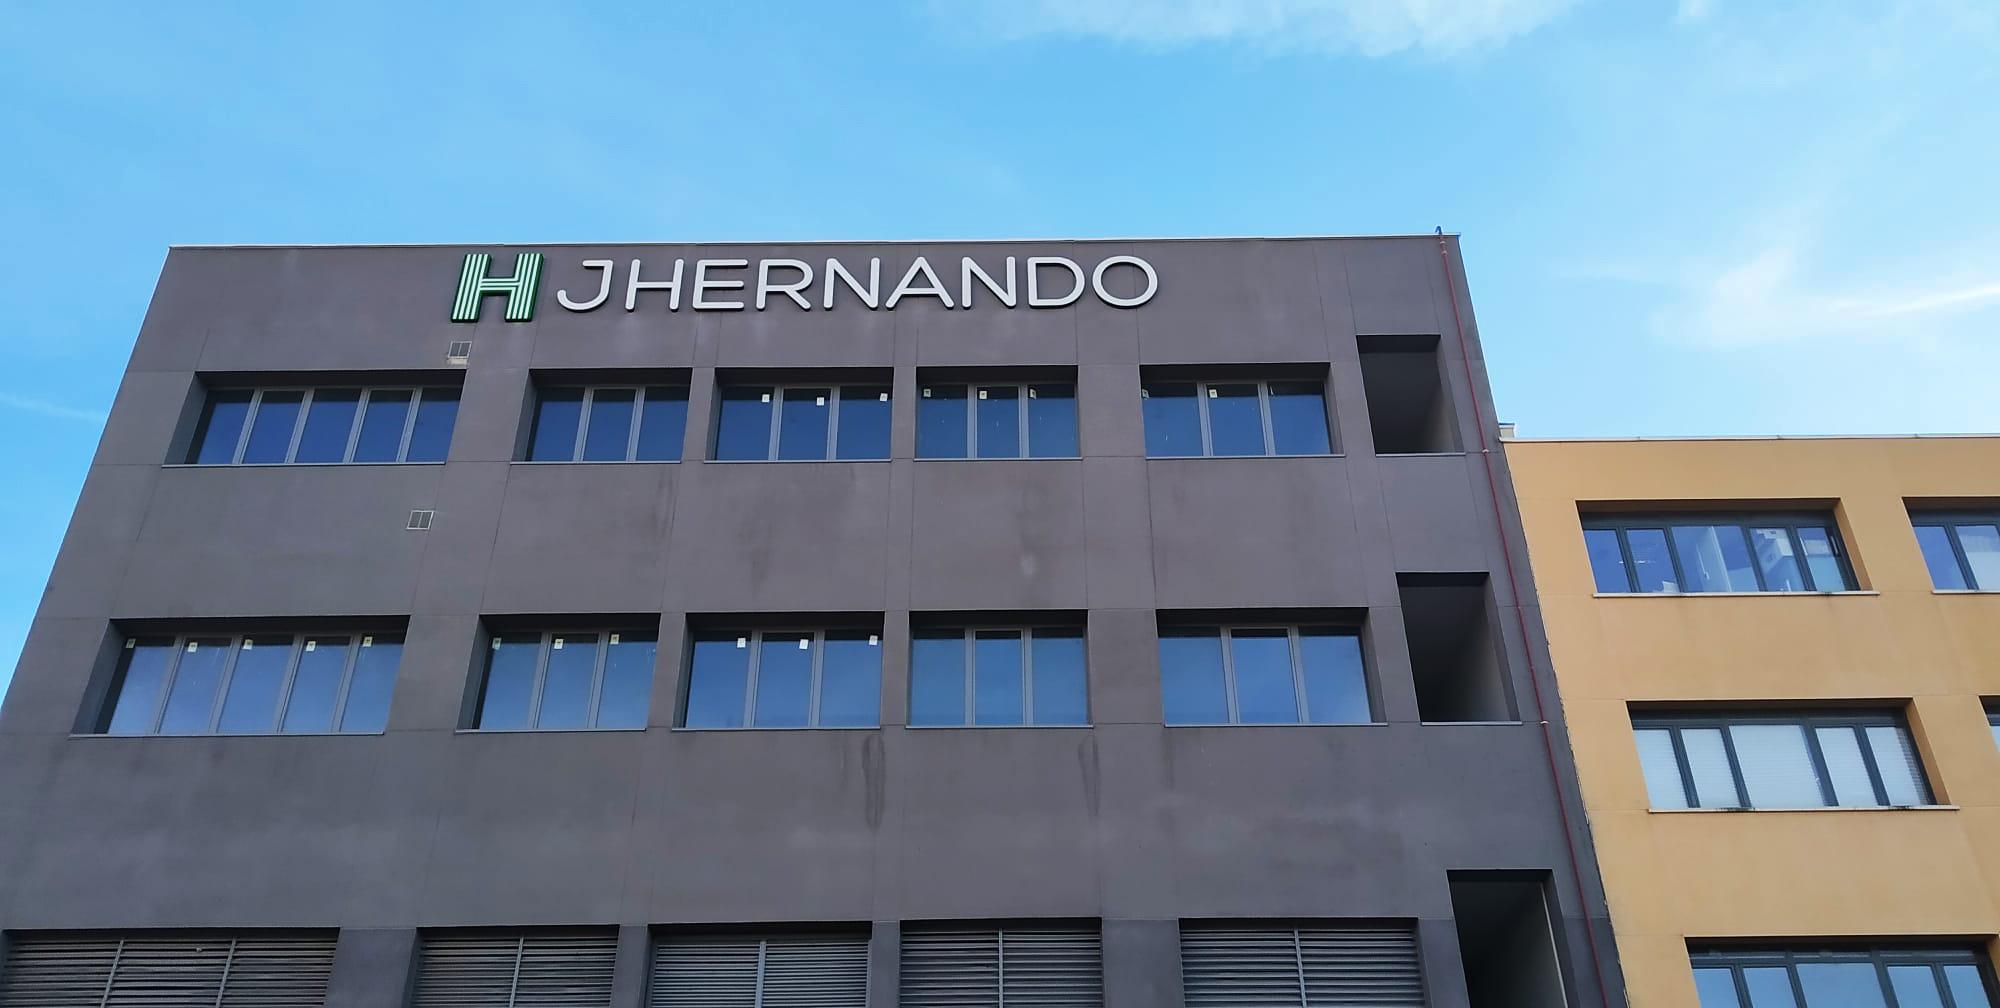 JHernando abrirá sua segunda fábrica em Madrid